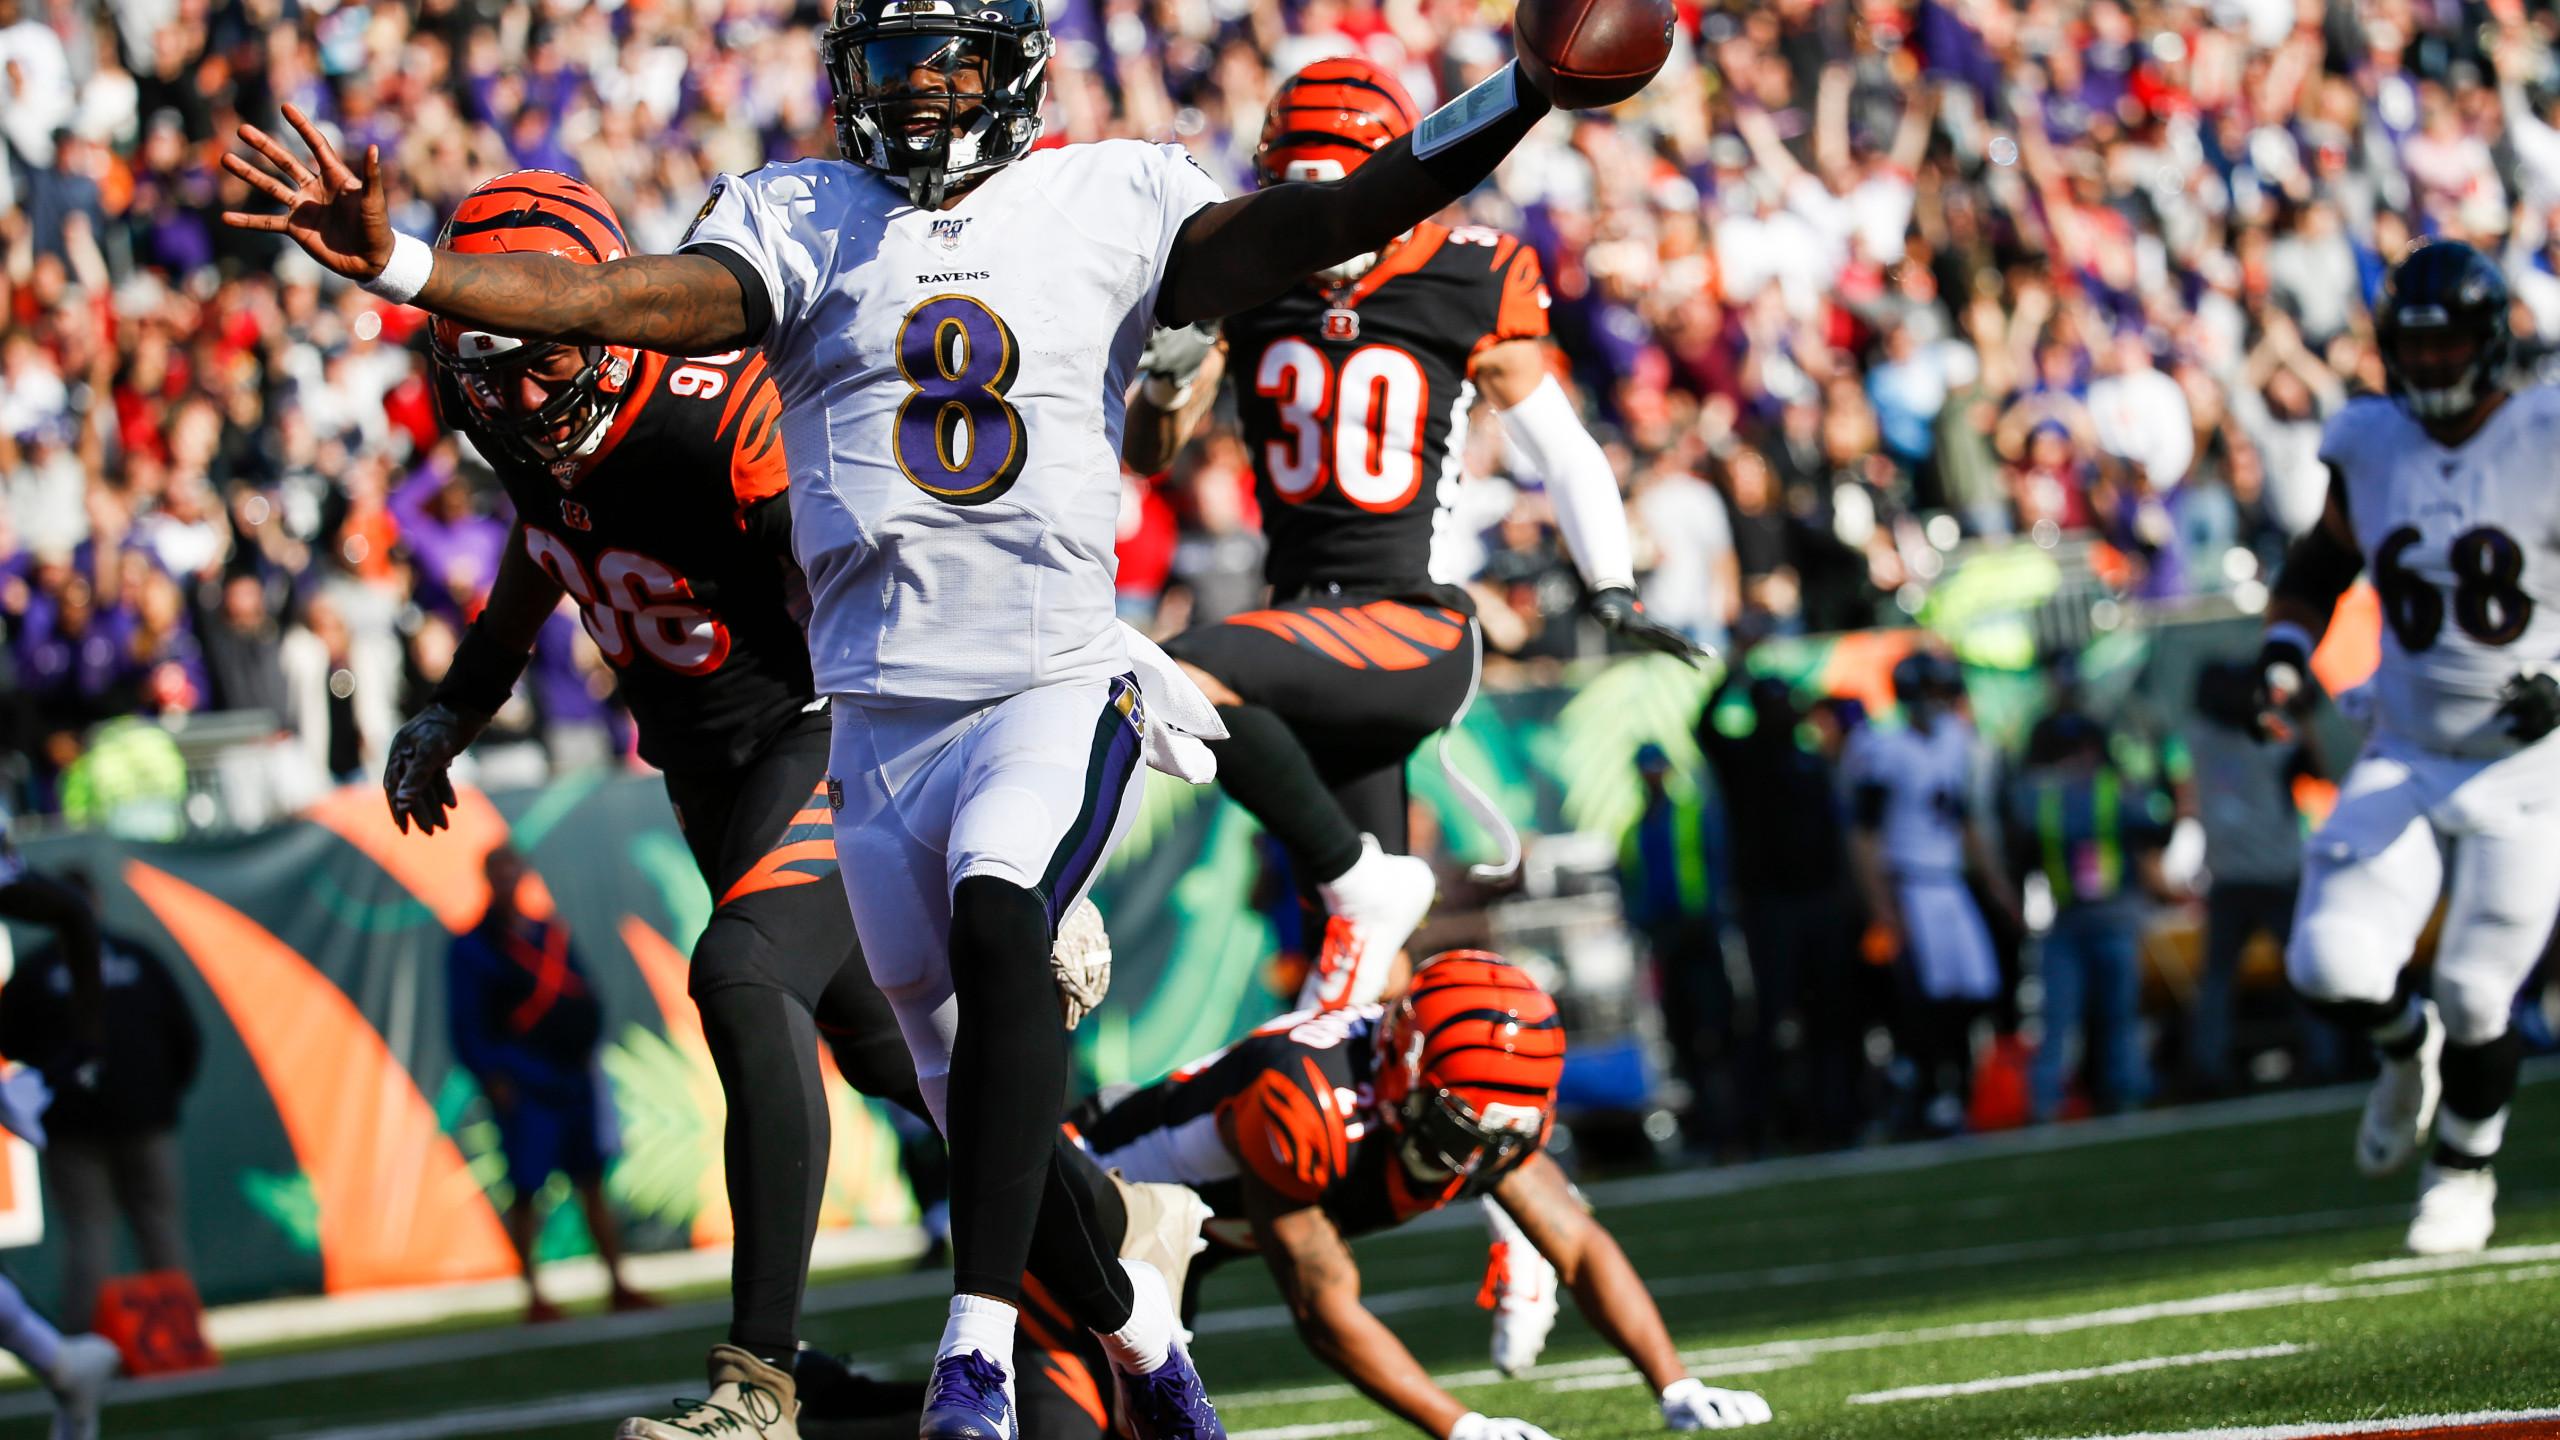 Ravens Jackson masters art of winning while having fun KAMR 2560x1440